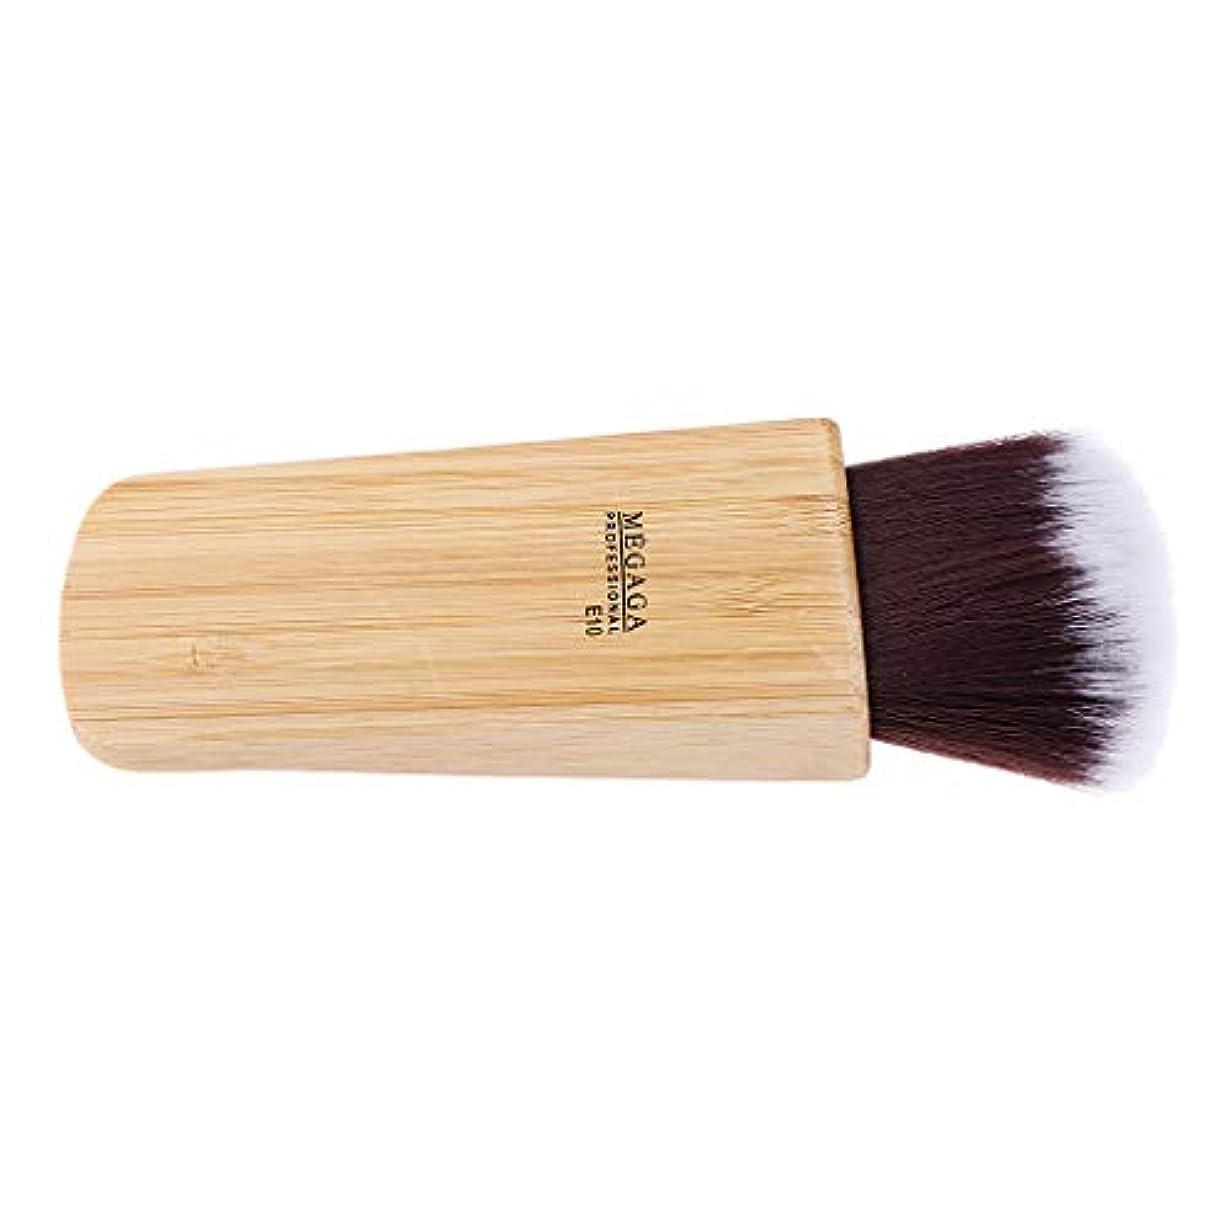 オーバードロー再撮り犯すToygogo ヘアカットブラシネックダスターブラシクリーニングヘアブラシバーバースイープブロークンヘア理髪ツール